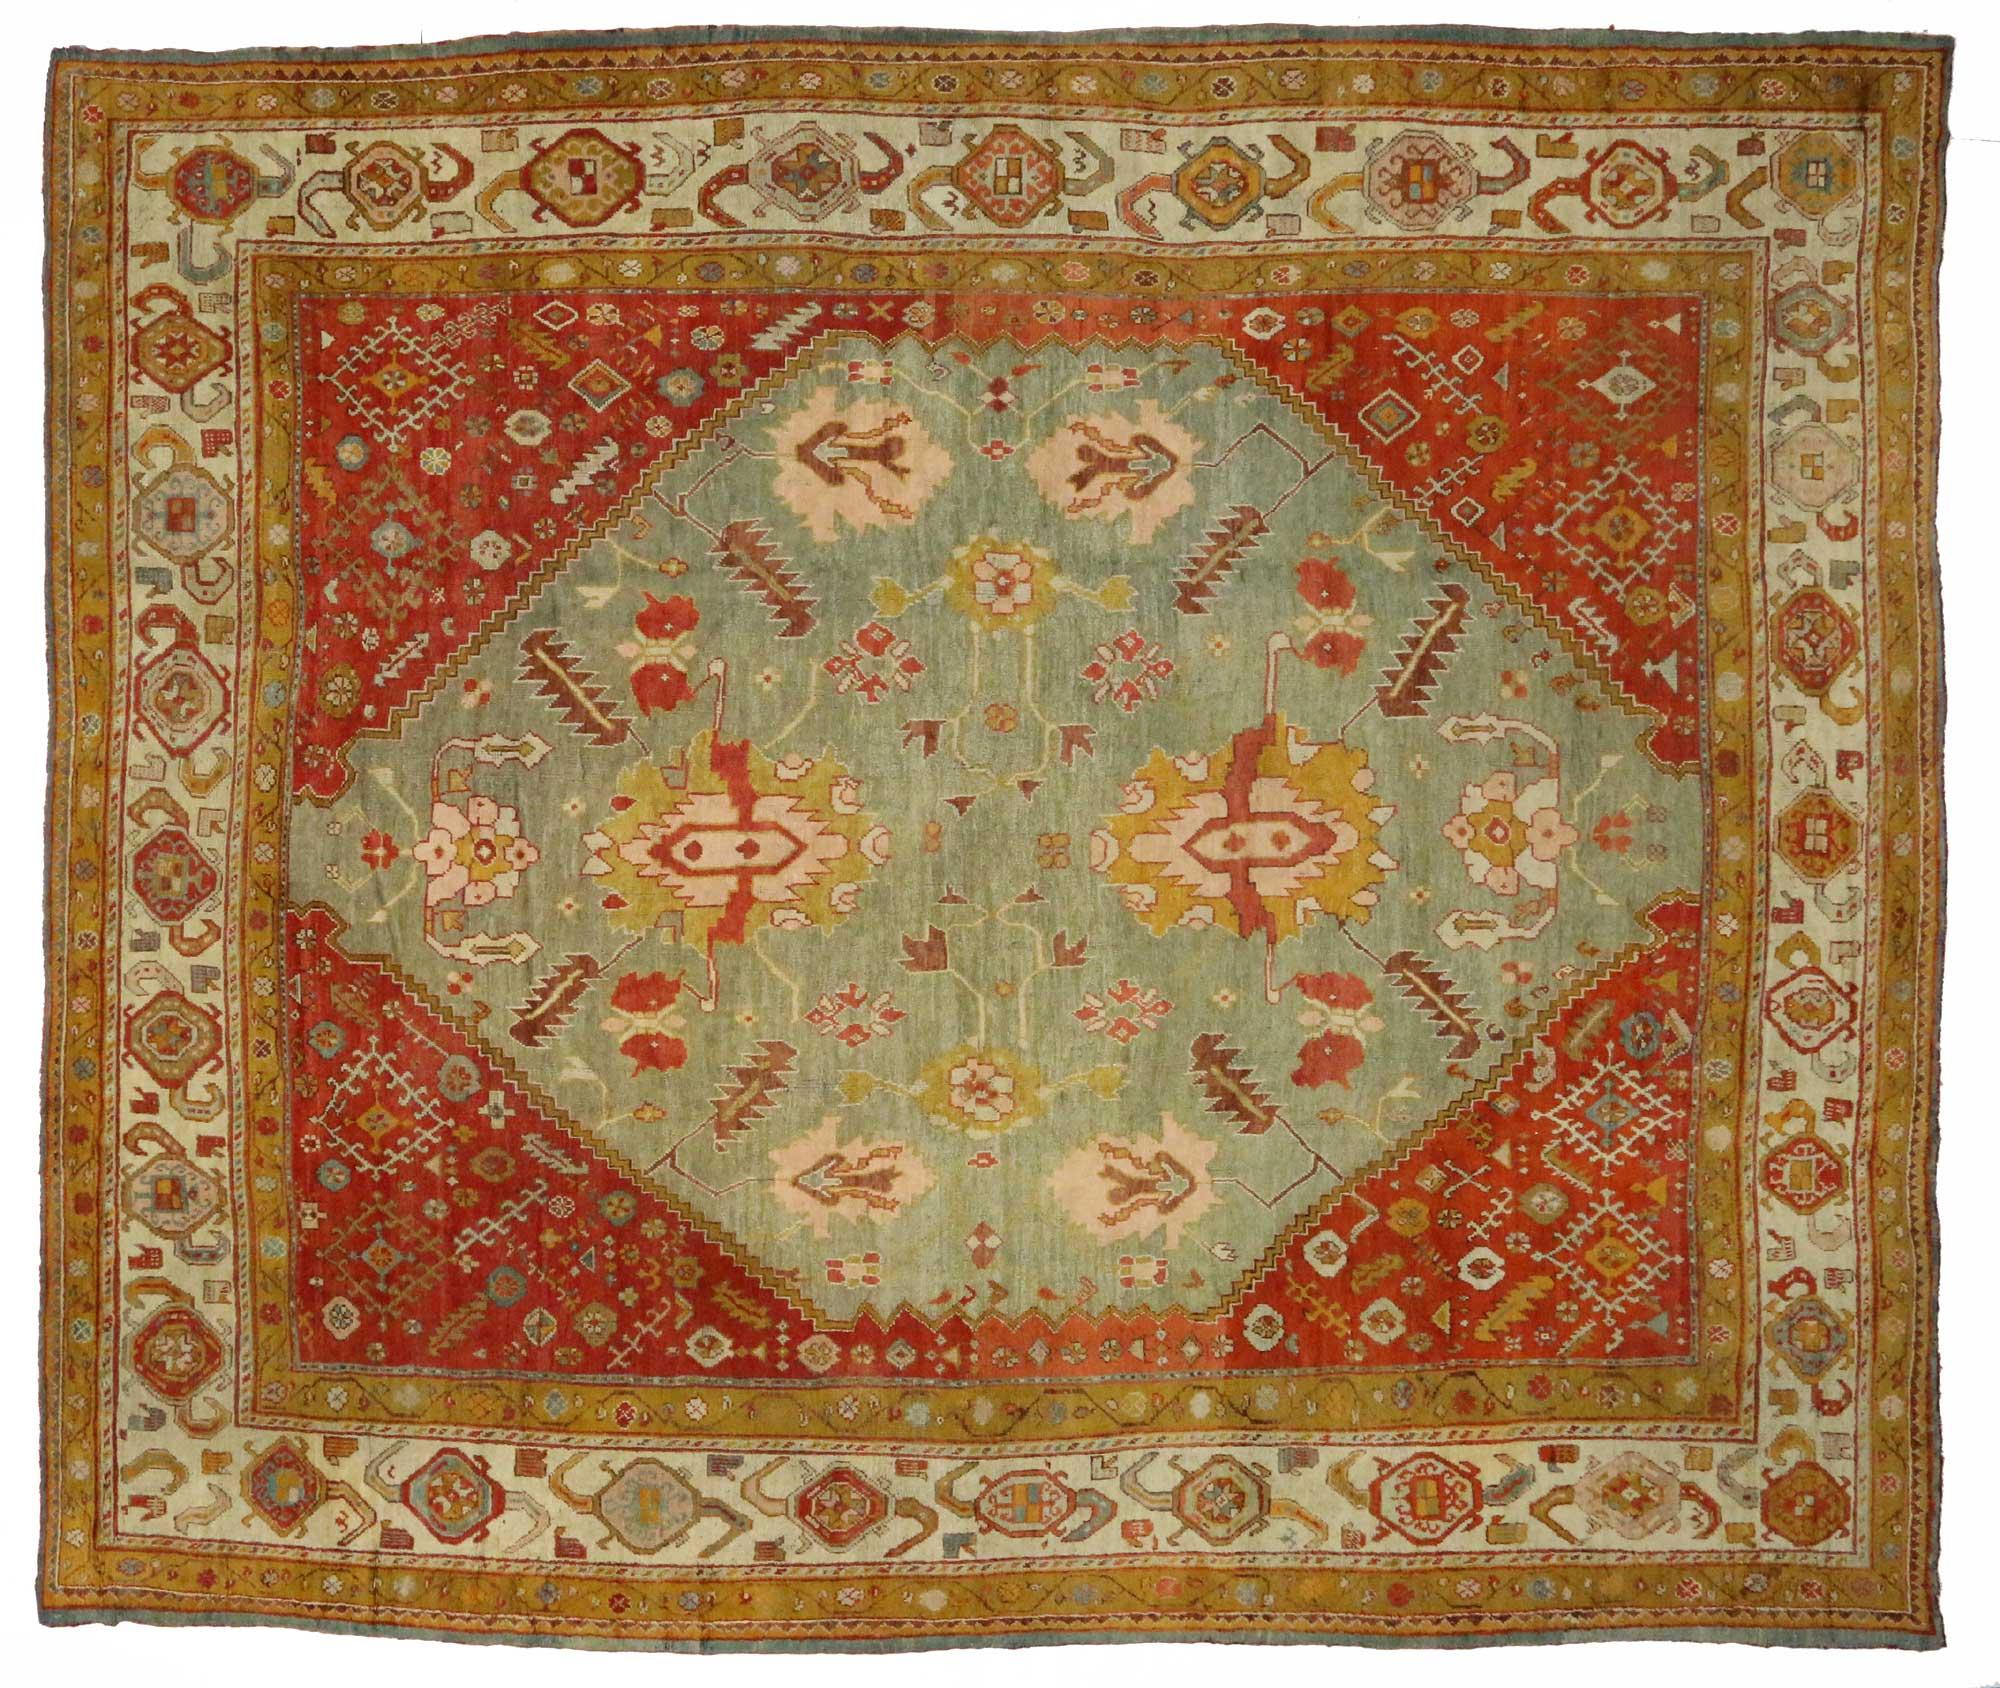 16 X 19 Antique Oushak Rug 73047